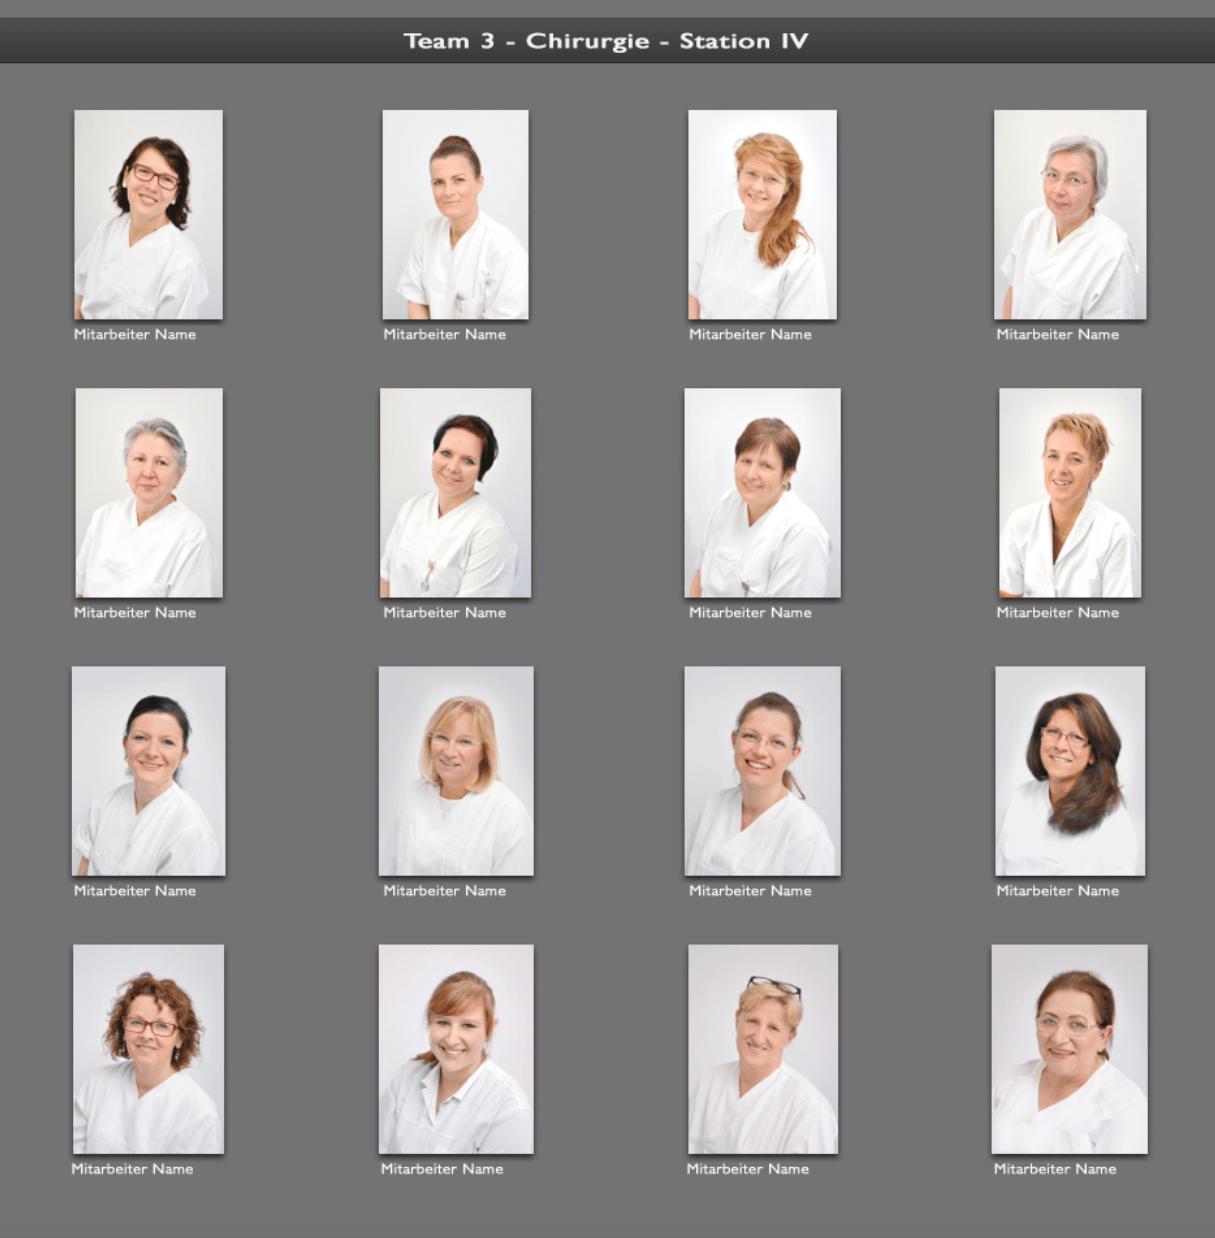 Firmen- und Mitarbeiterportraits in einheitlichem Fotografie-Stil